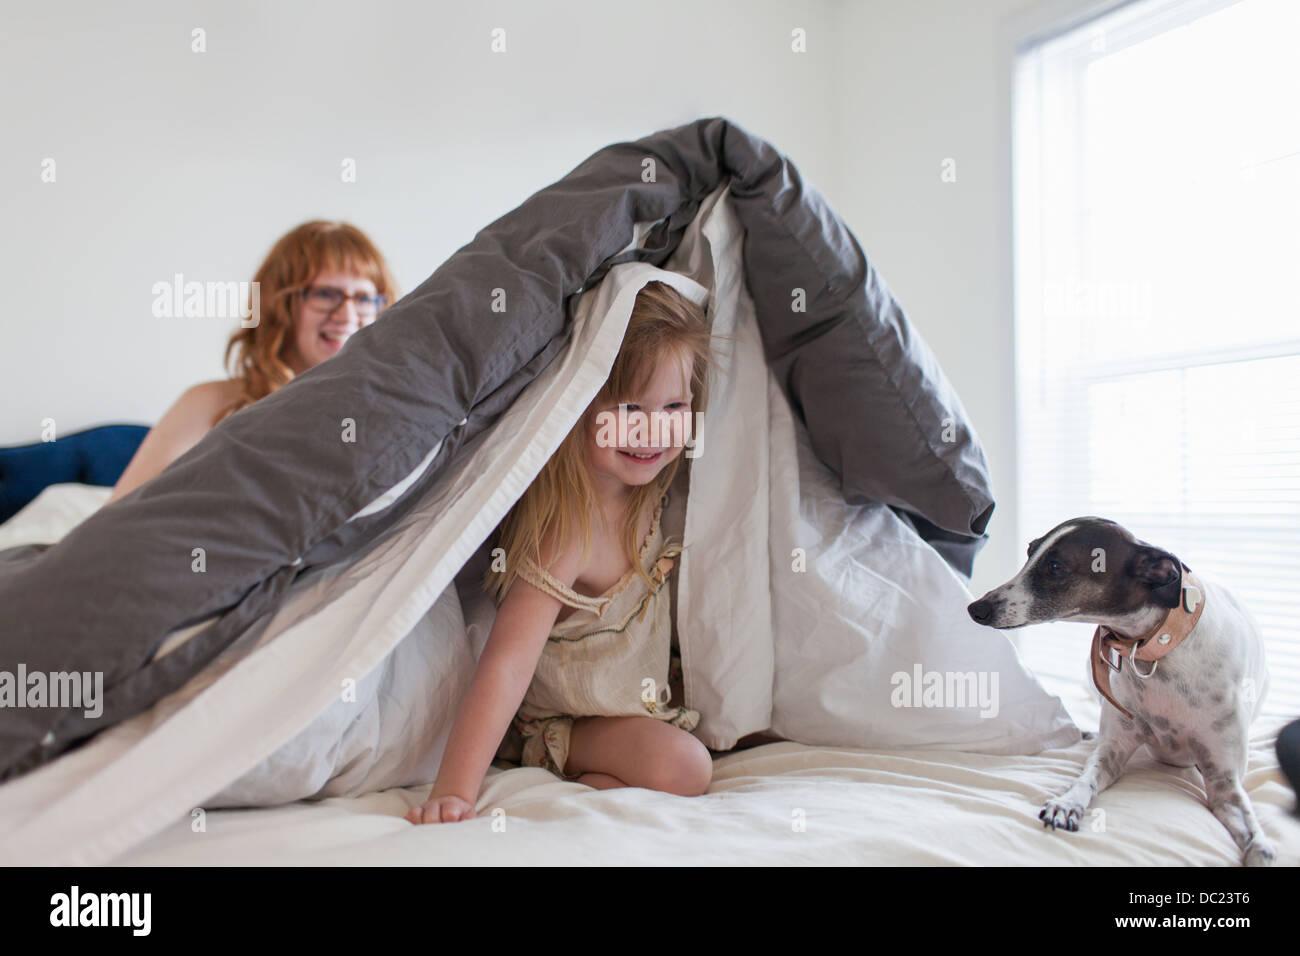 Fille de se cacher sous une couette, mère et dog on bed Photo Stock